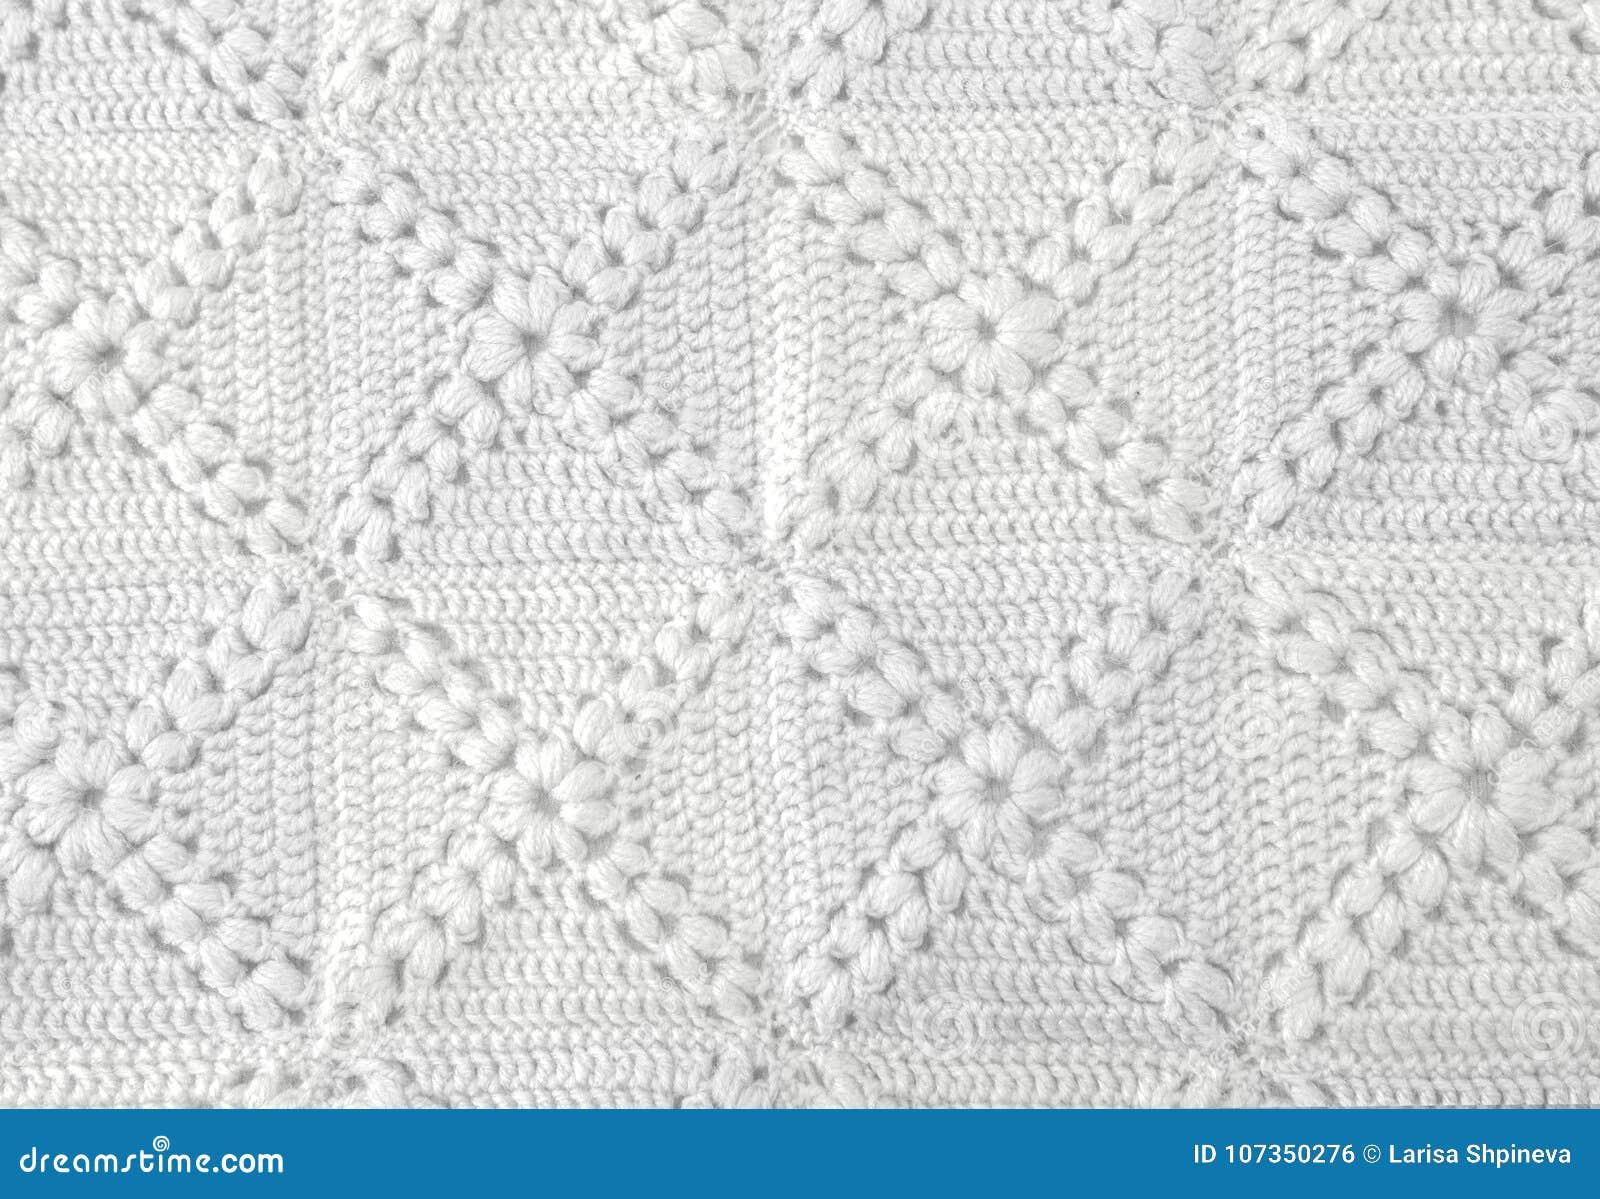 4dcc07f7a86b Πλεκτά χειροποίητα άσπρα καλύμματα Αρχική πλεκτή χειροποίητη εργασία ...